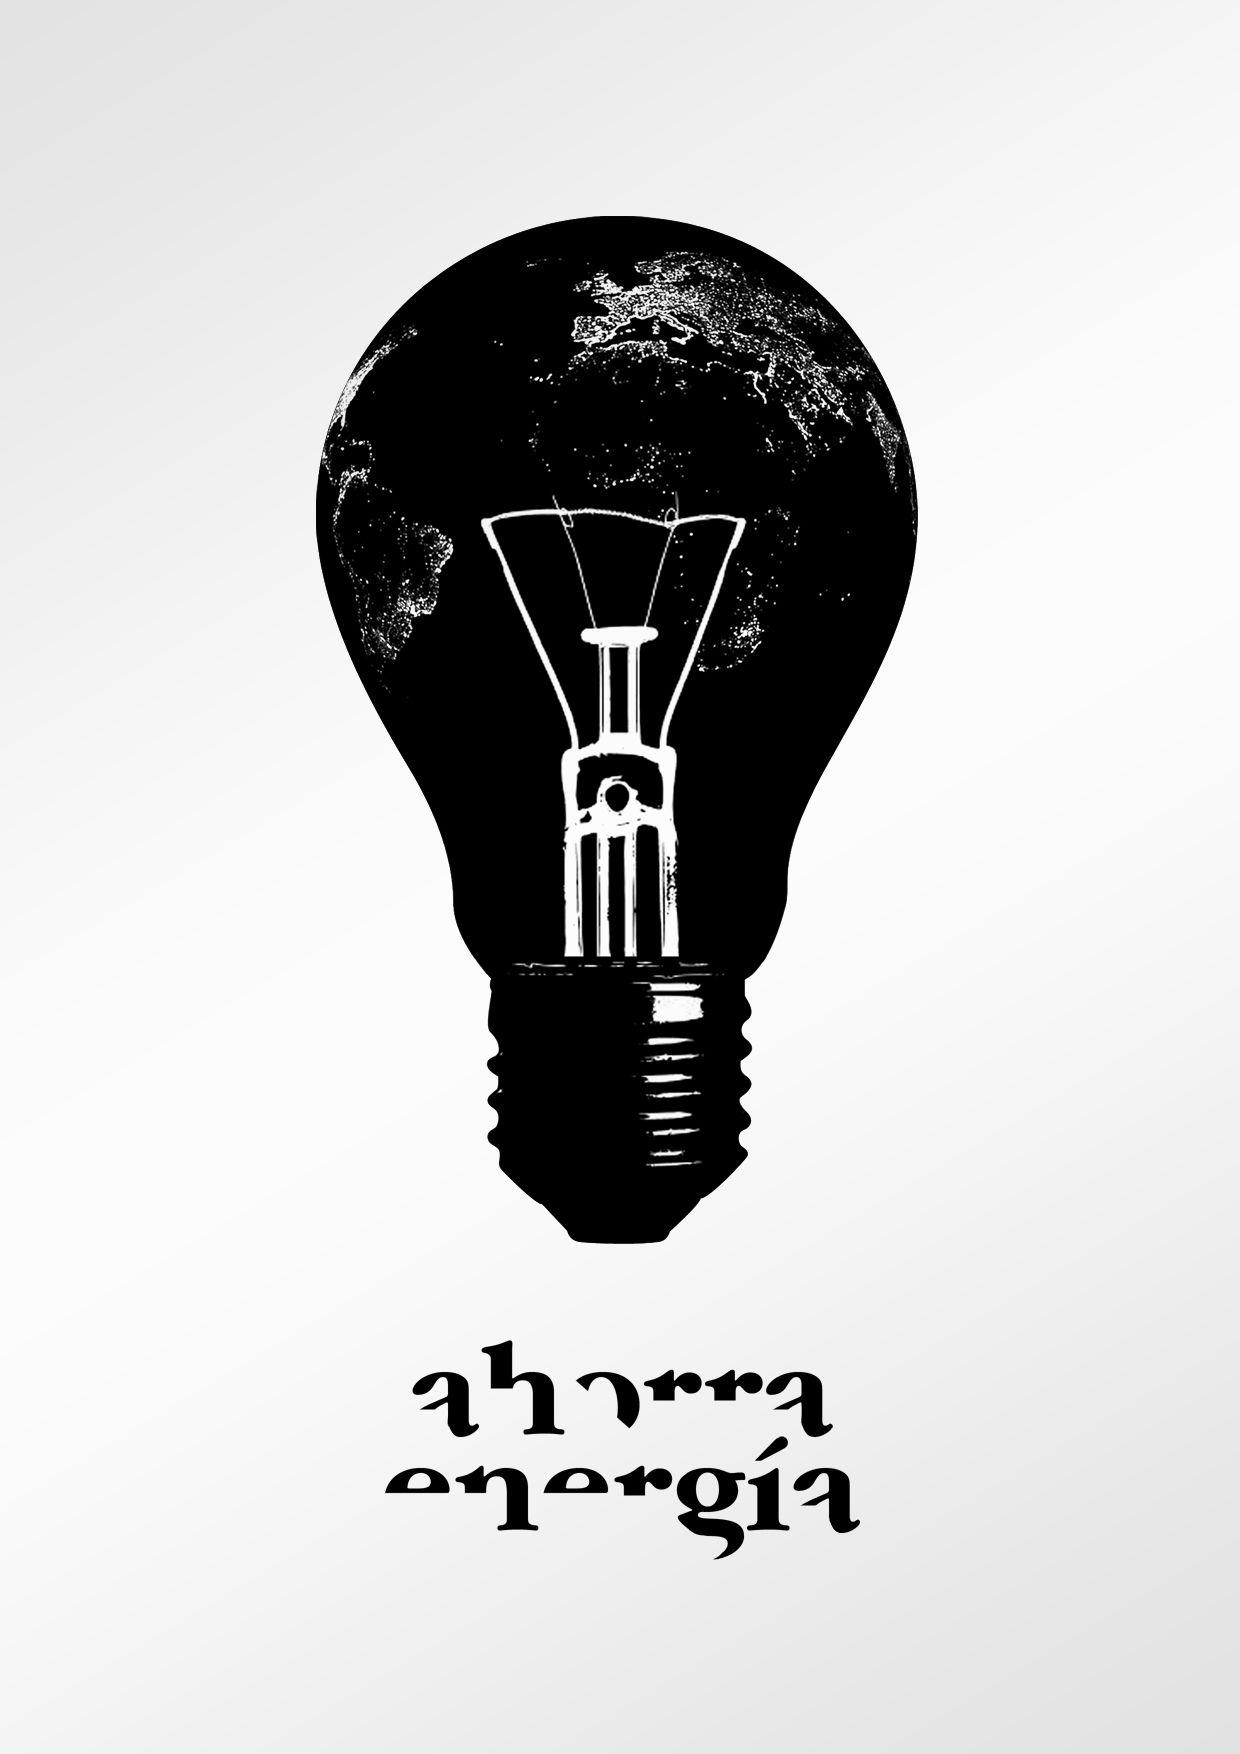 Cartel con un mensaje claro, la necesidad en el ahorro de energía.